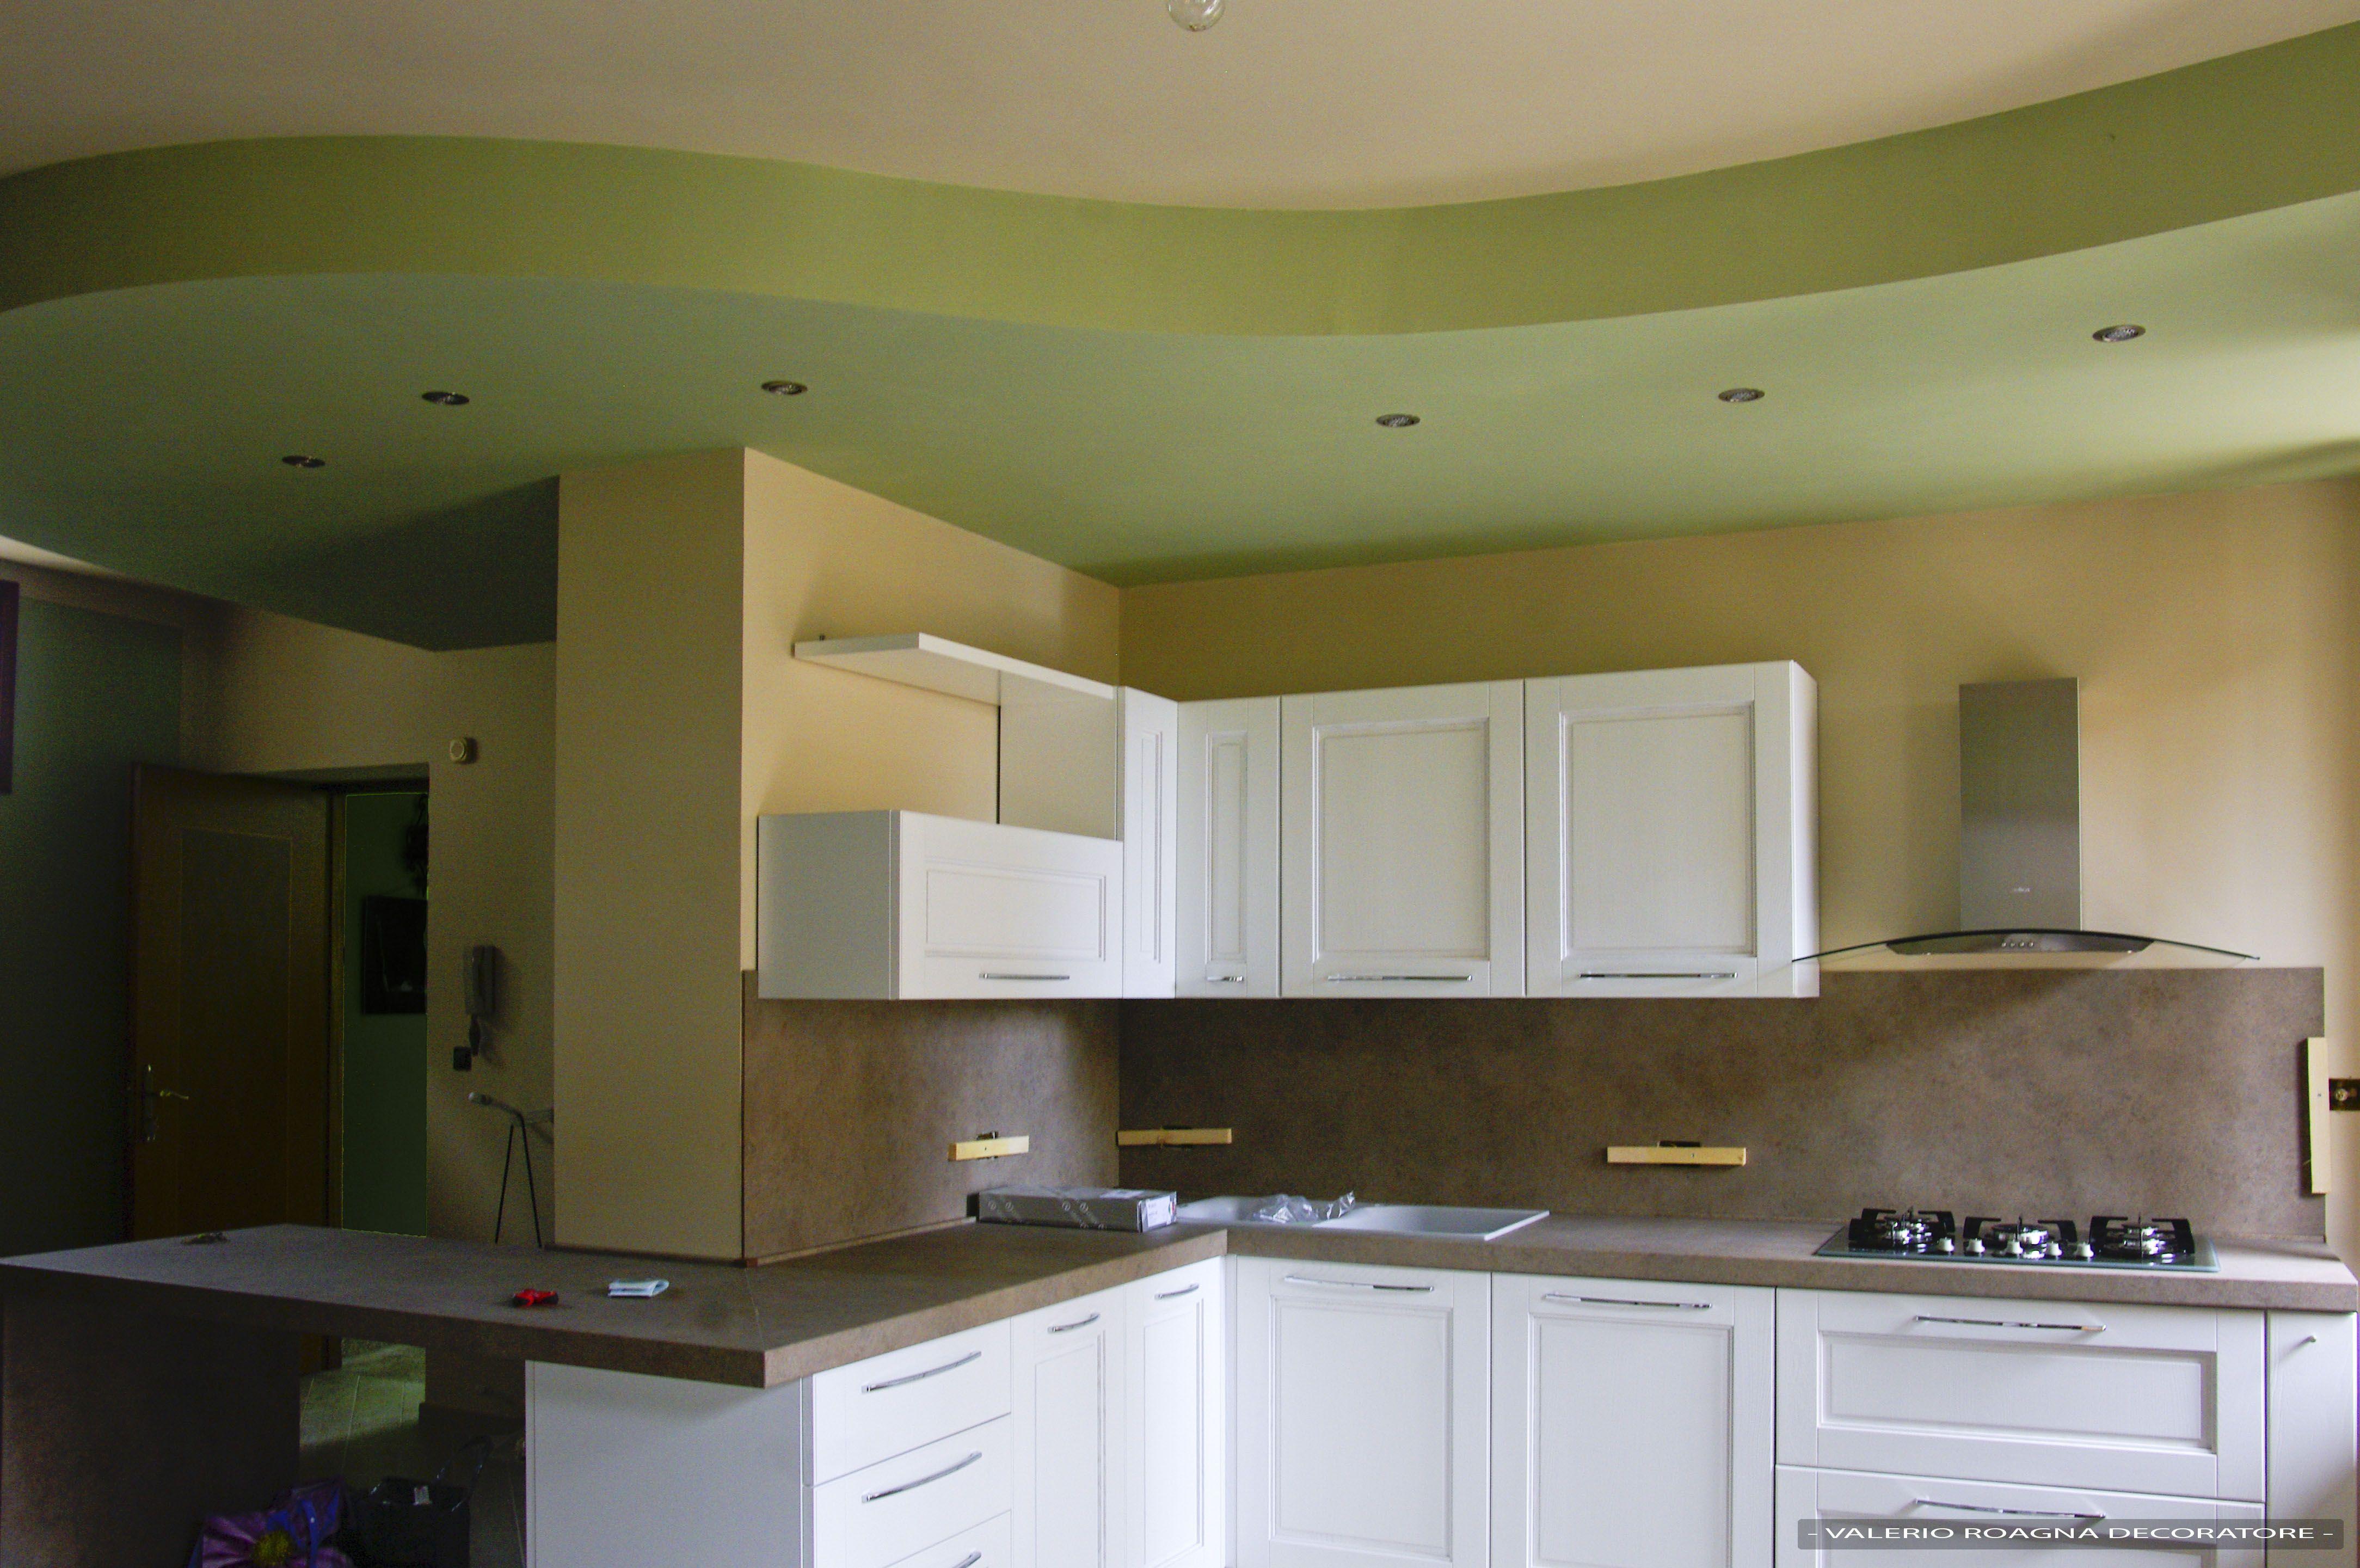 cucina con contro soffitto in cartongesso  i miei lavori  Pinterest